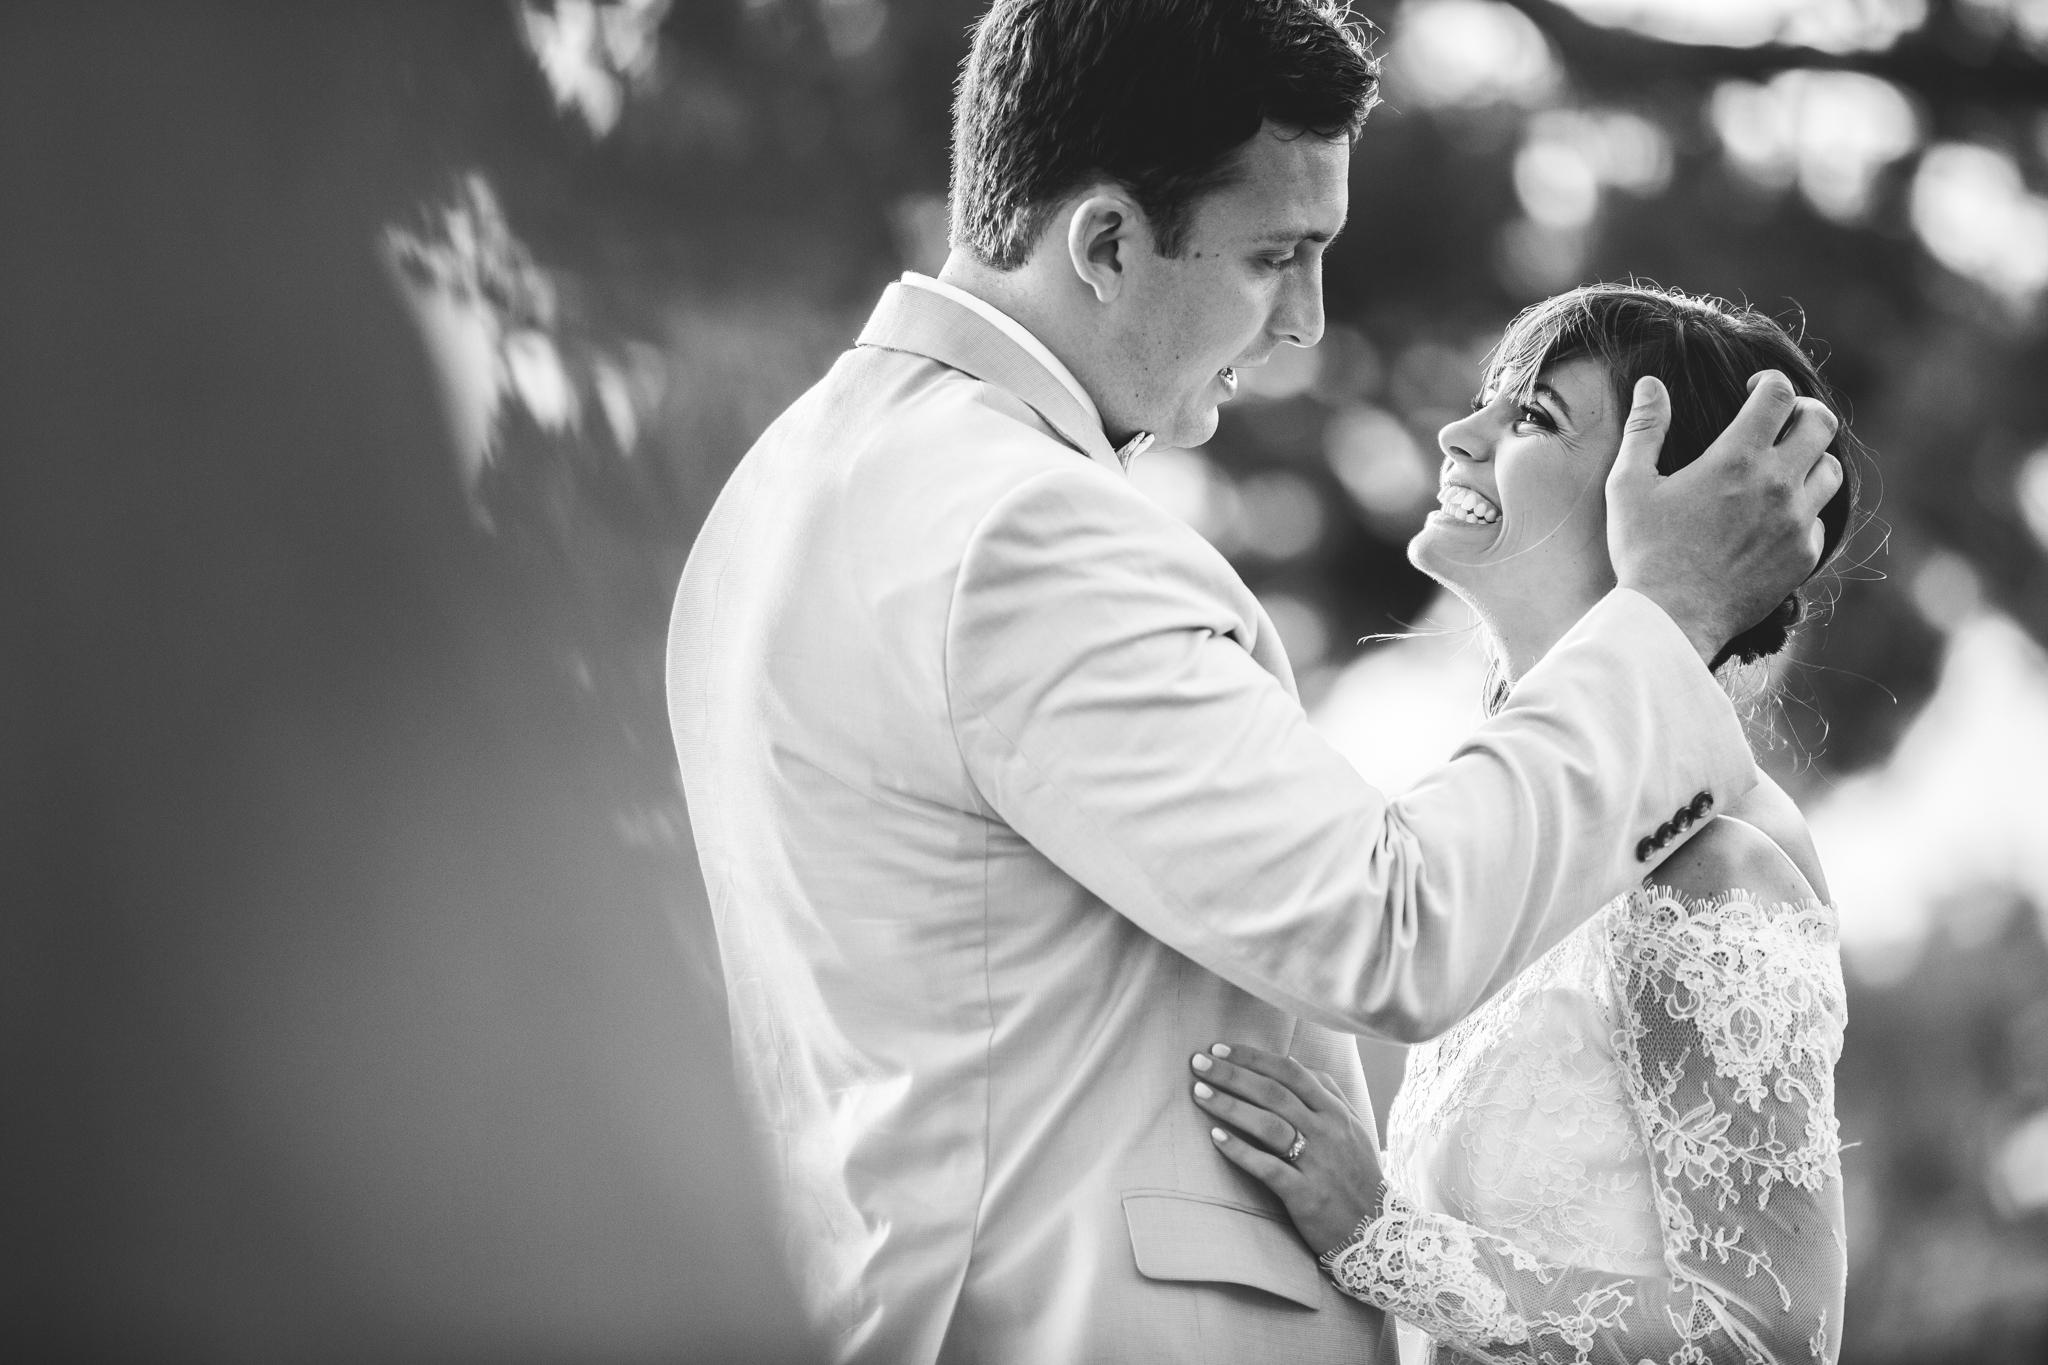 palosverdeswedding-3097.jpg